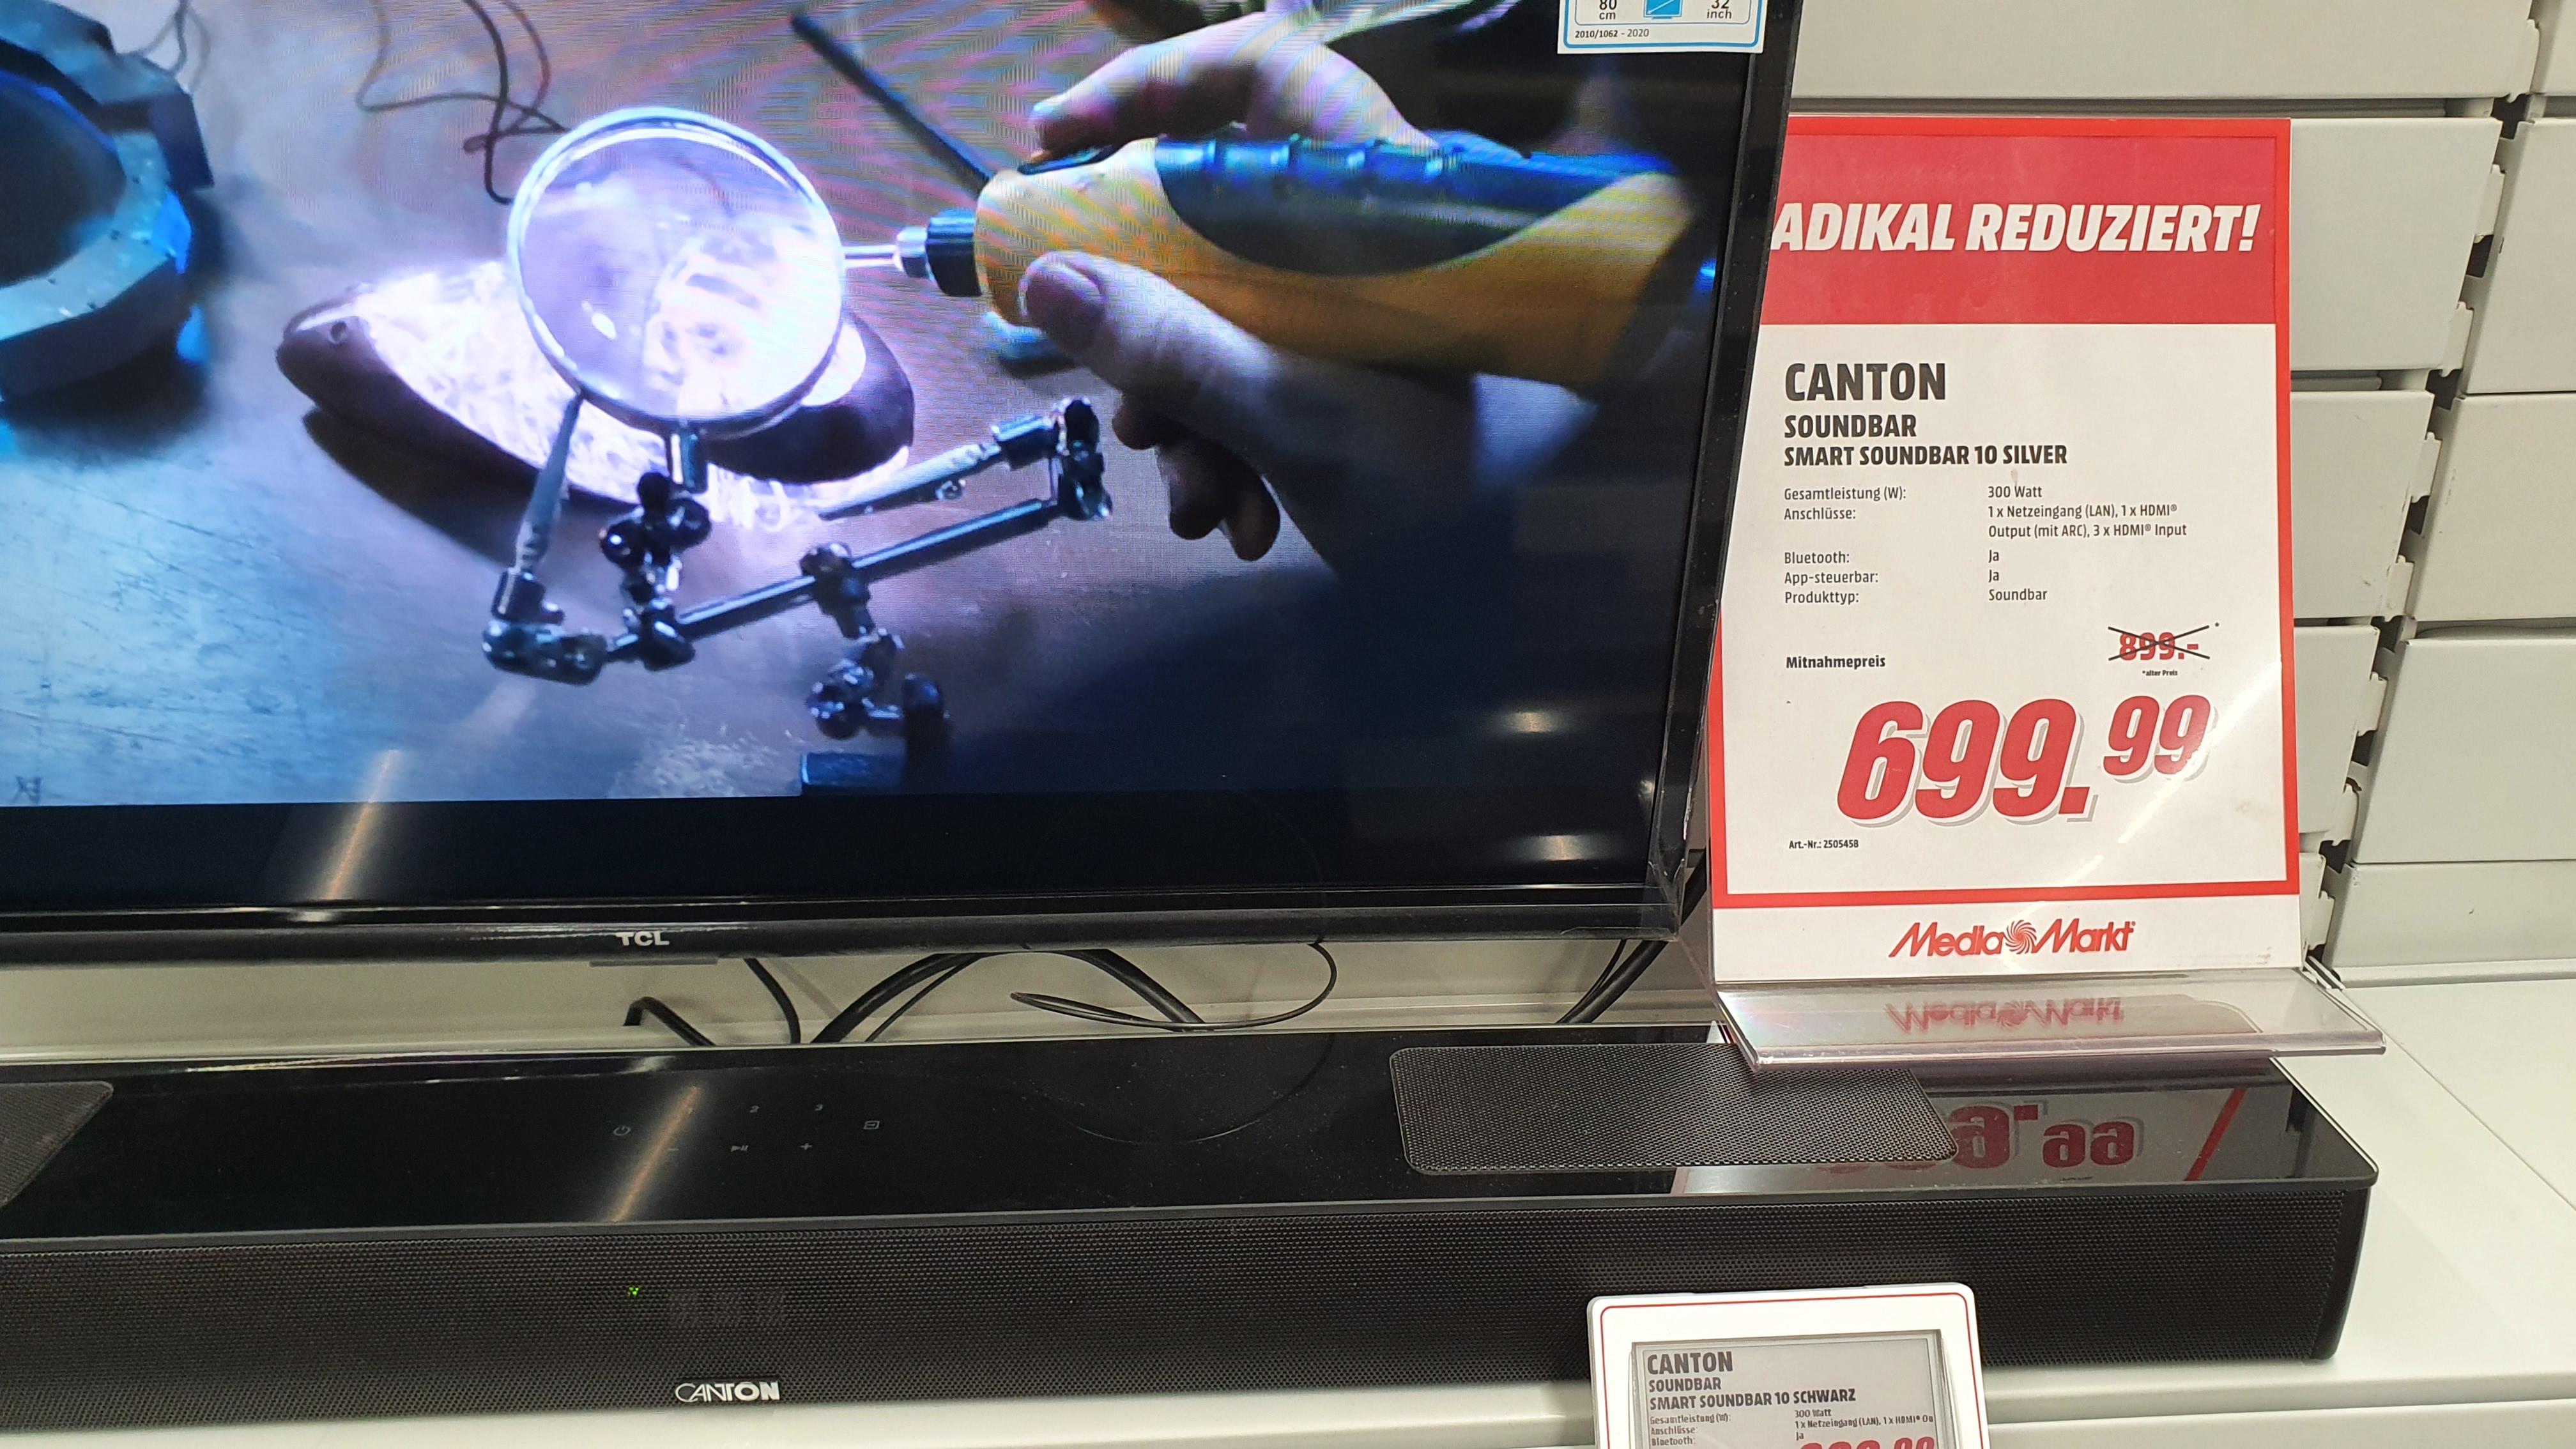 Canton Smart Soundbar 10 (Atmos) im Mediamarkt Düsseldorf Metrostraße für 699,99€ statt 899€